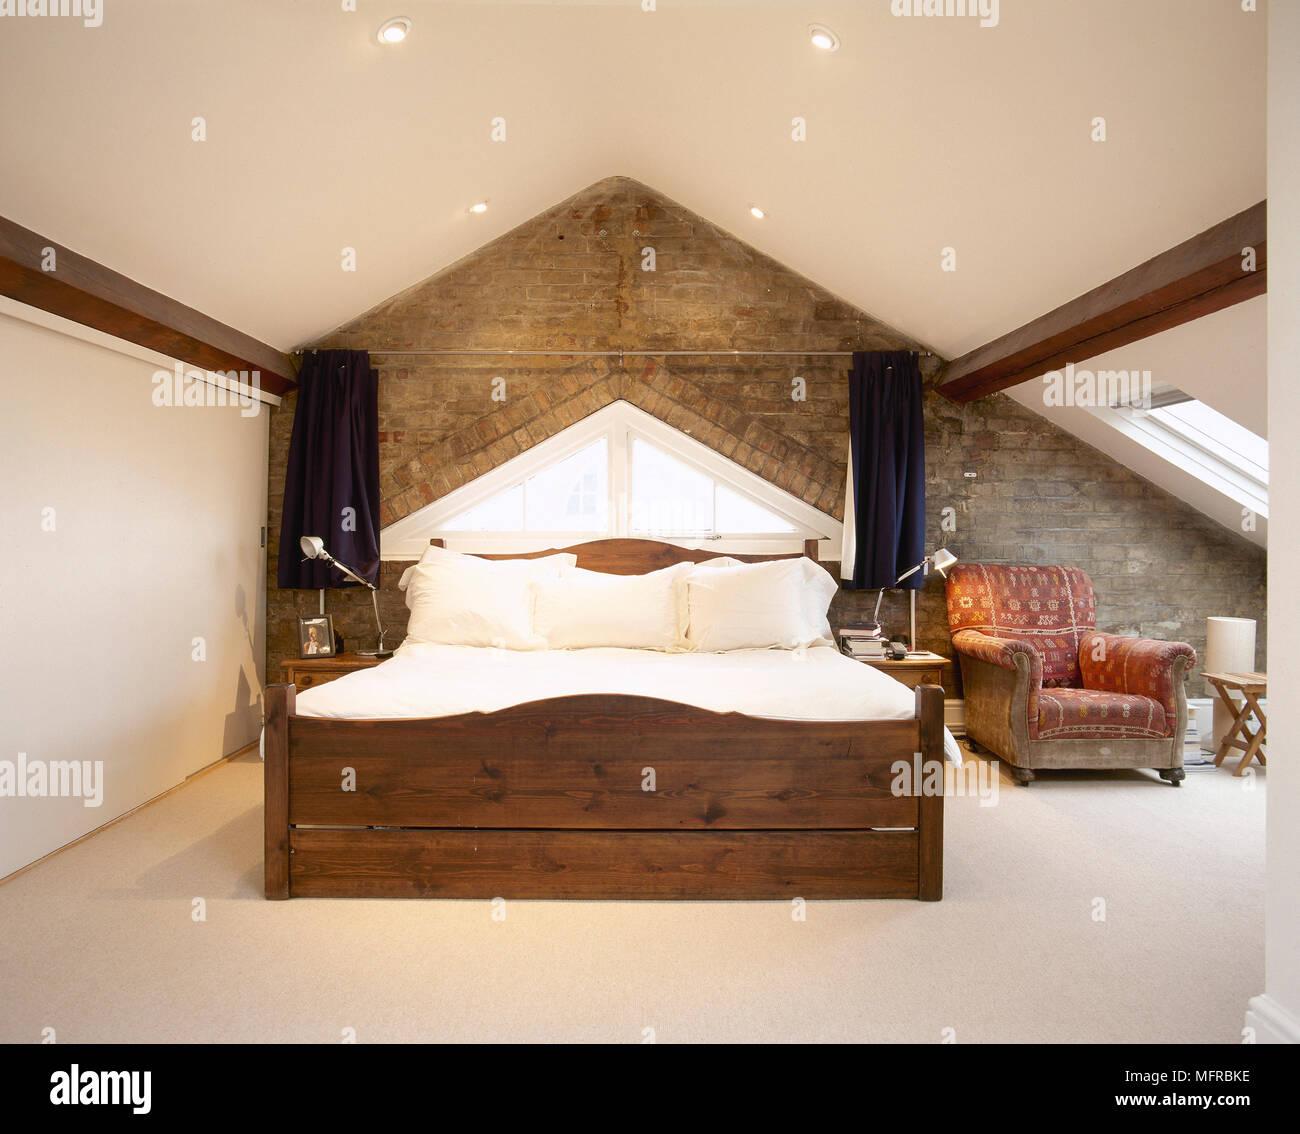 dans une chambre loft converti avec mur en briques apparentes et d